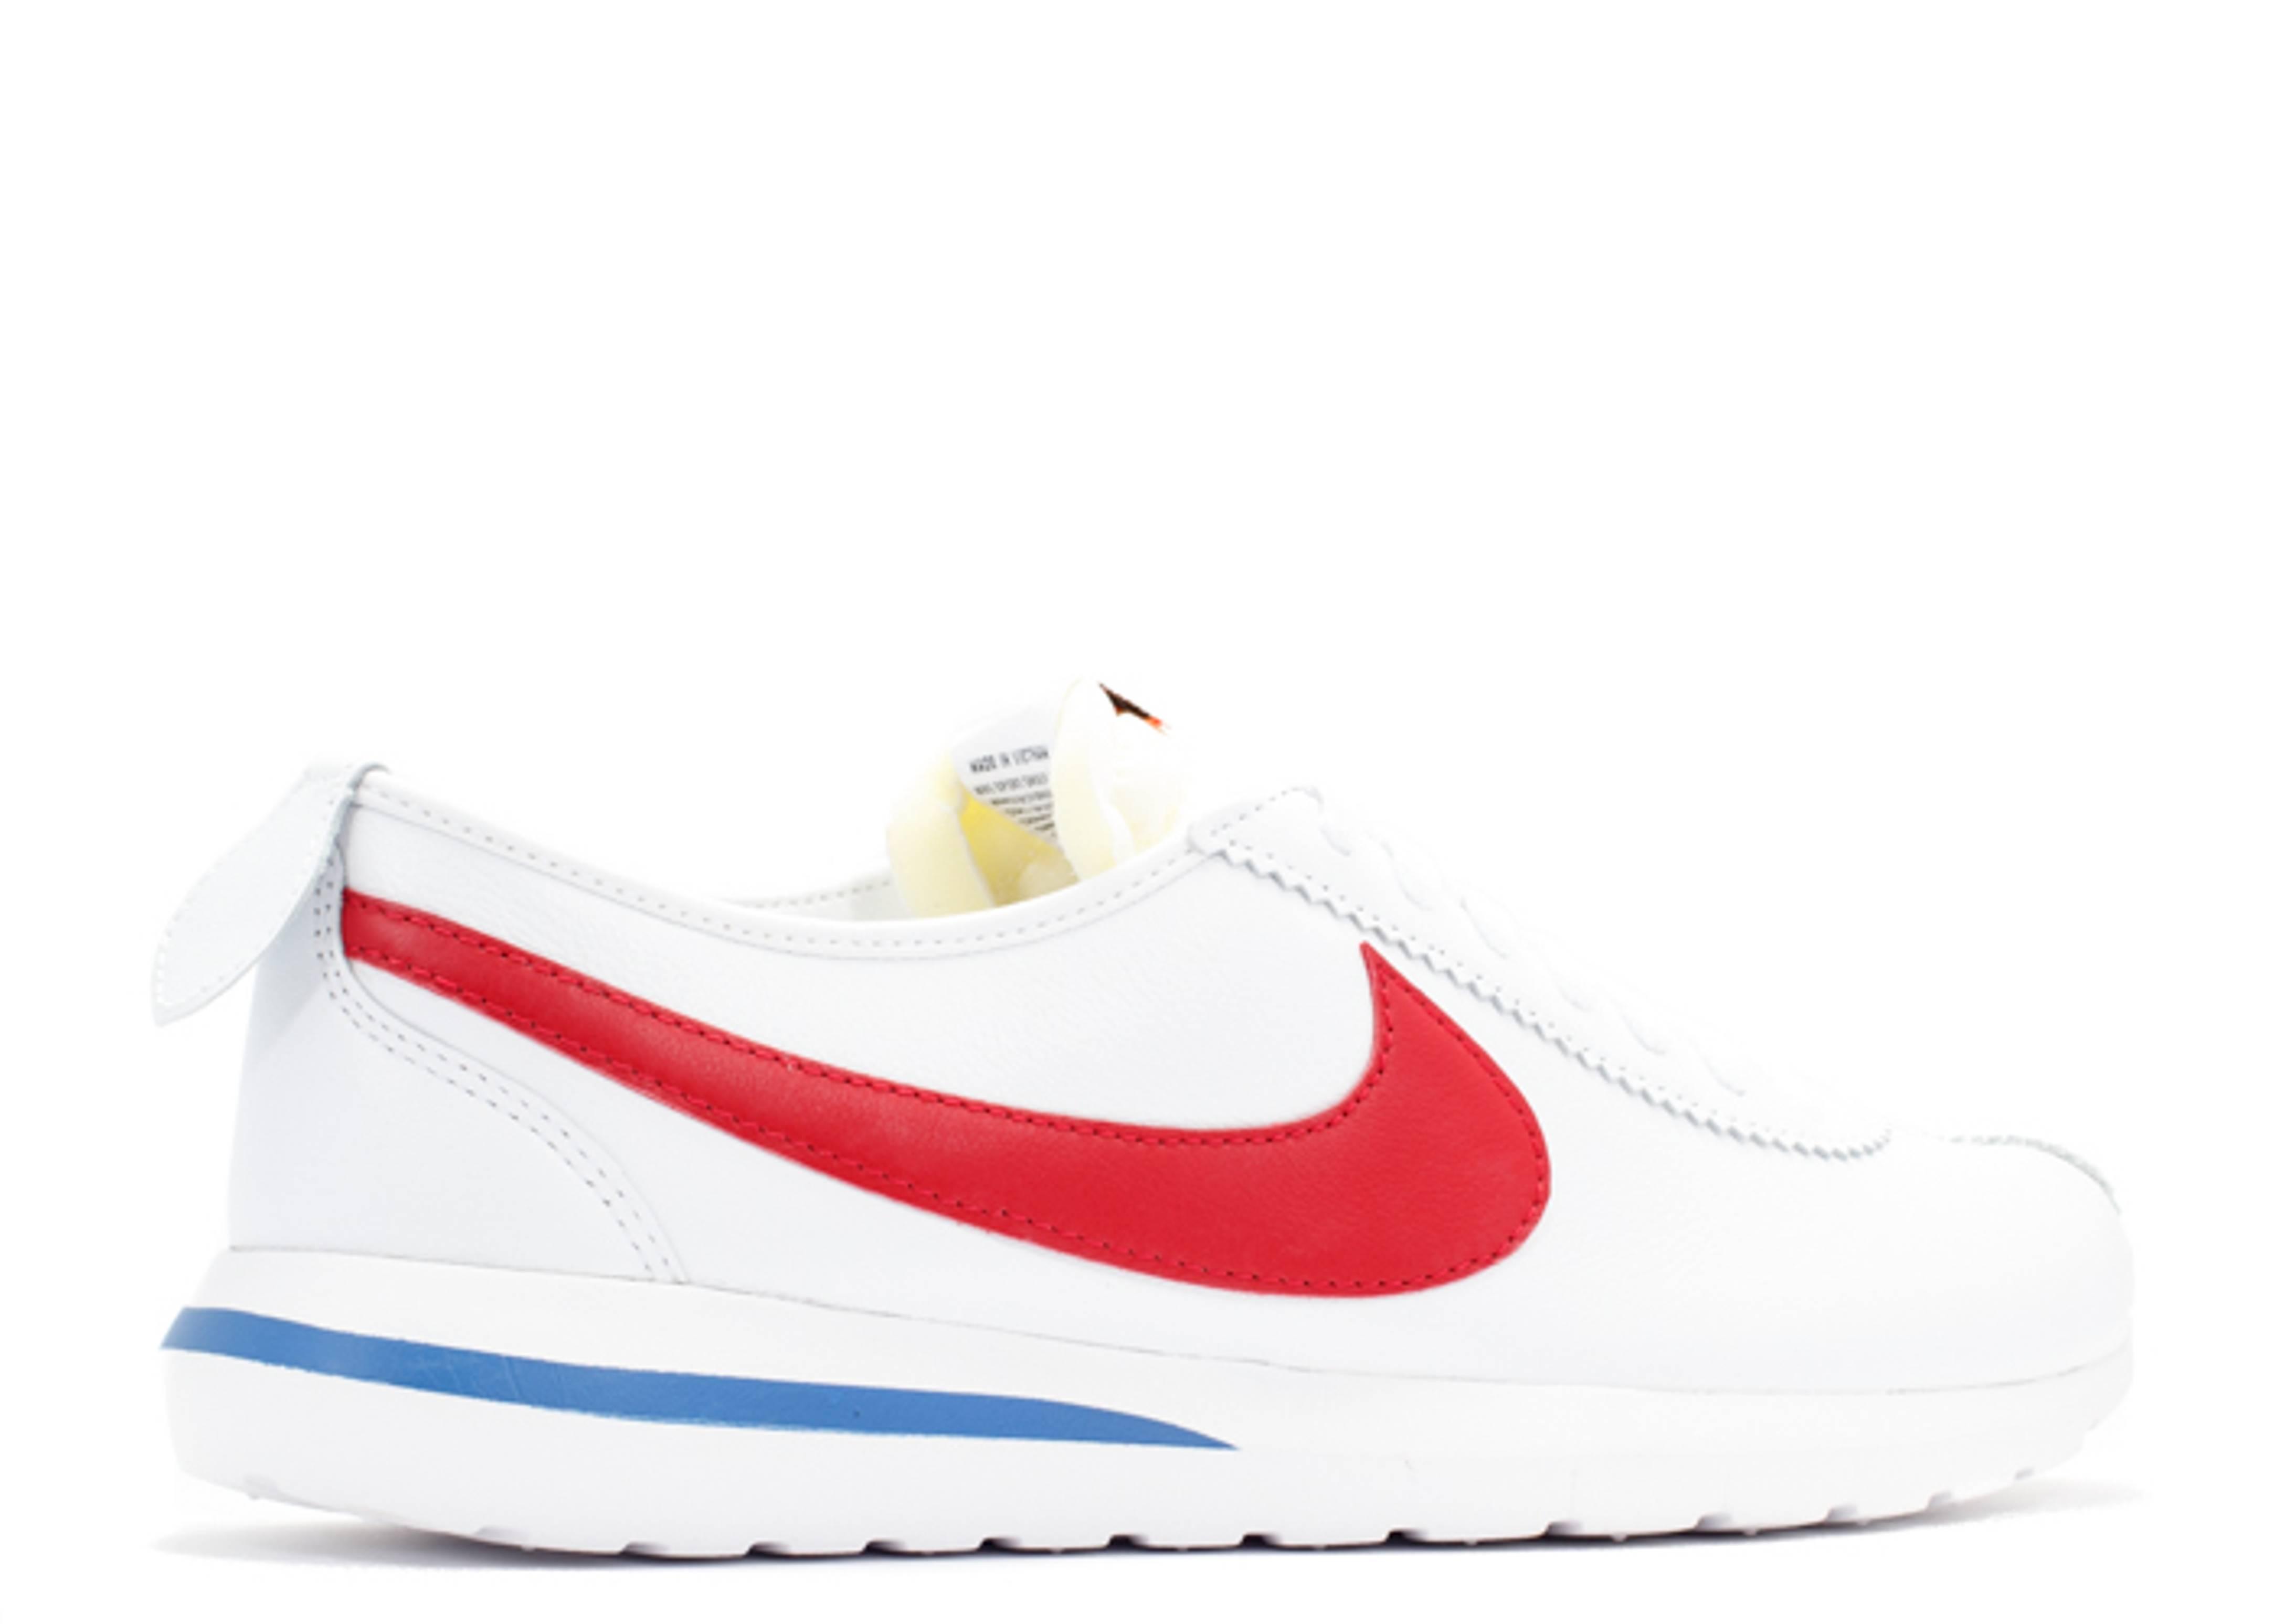 Roshe Cortez Nm Sp - Nike - 806952 164 - white varsity red-game ... 15b4af93a4ee